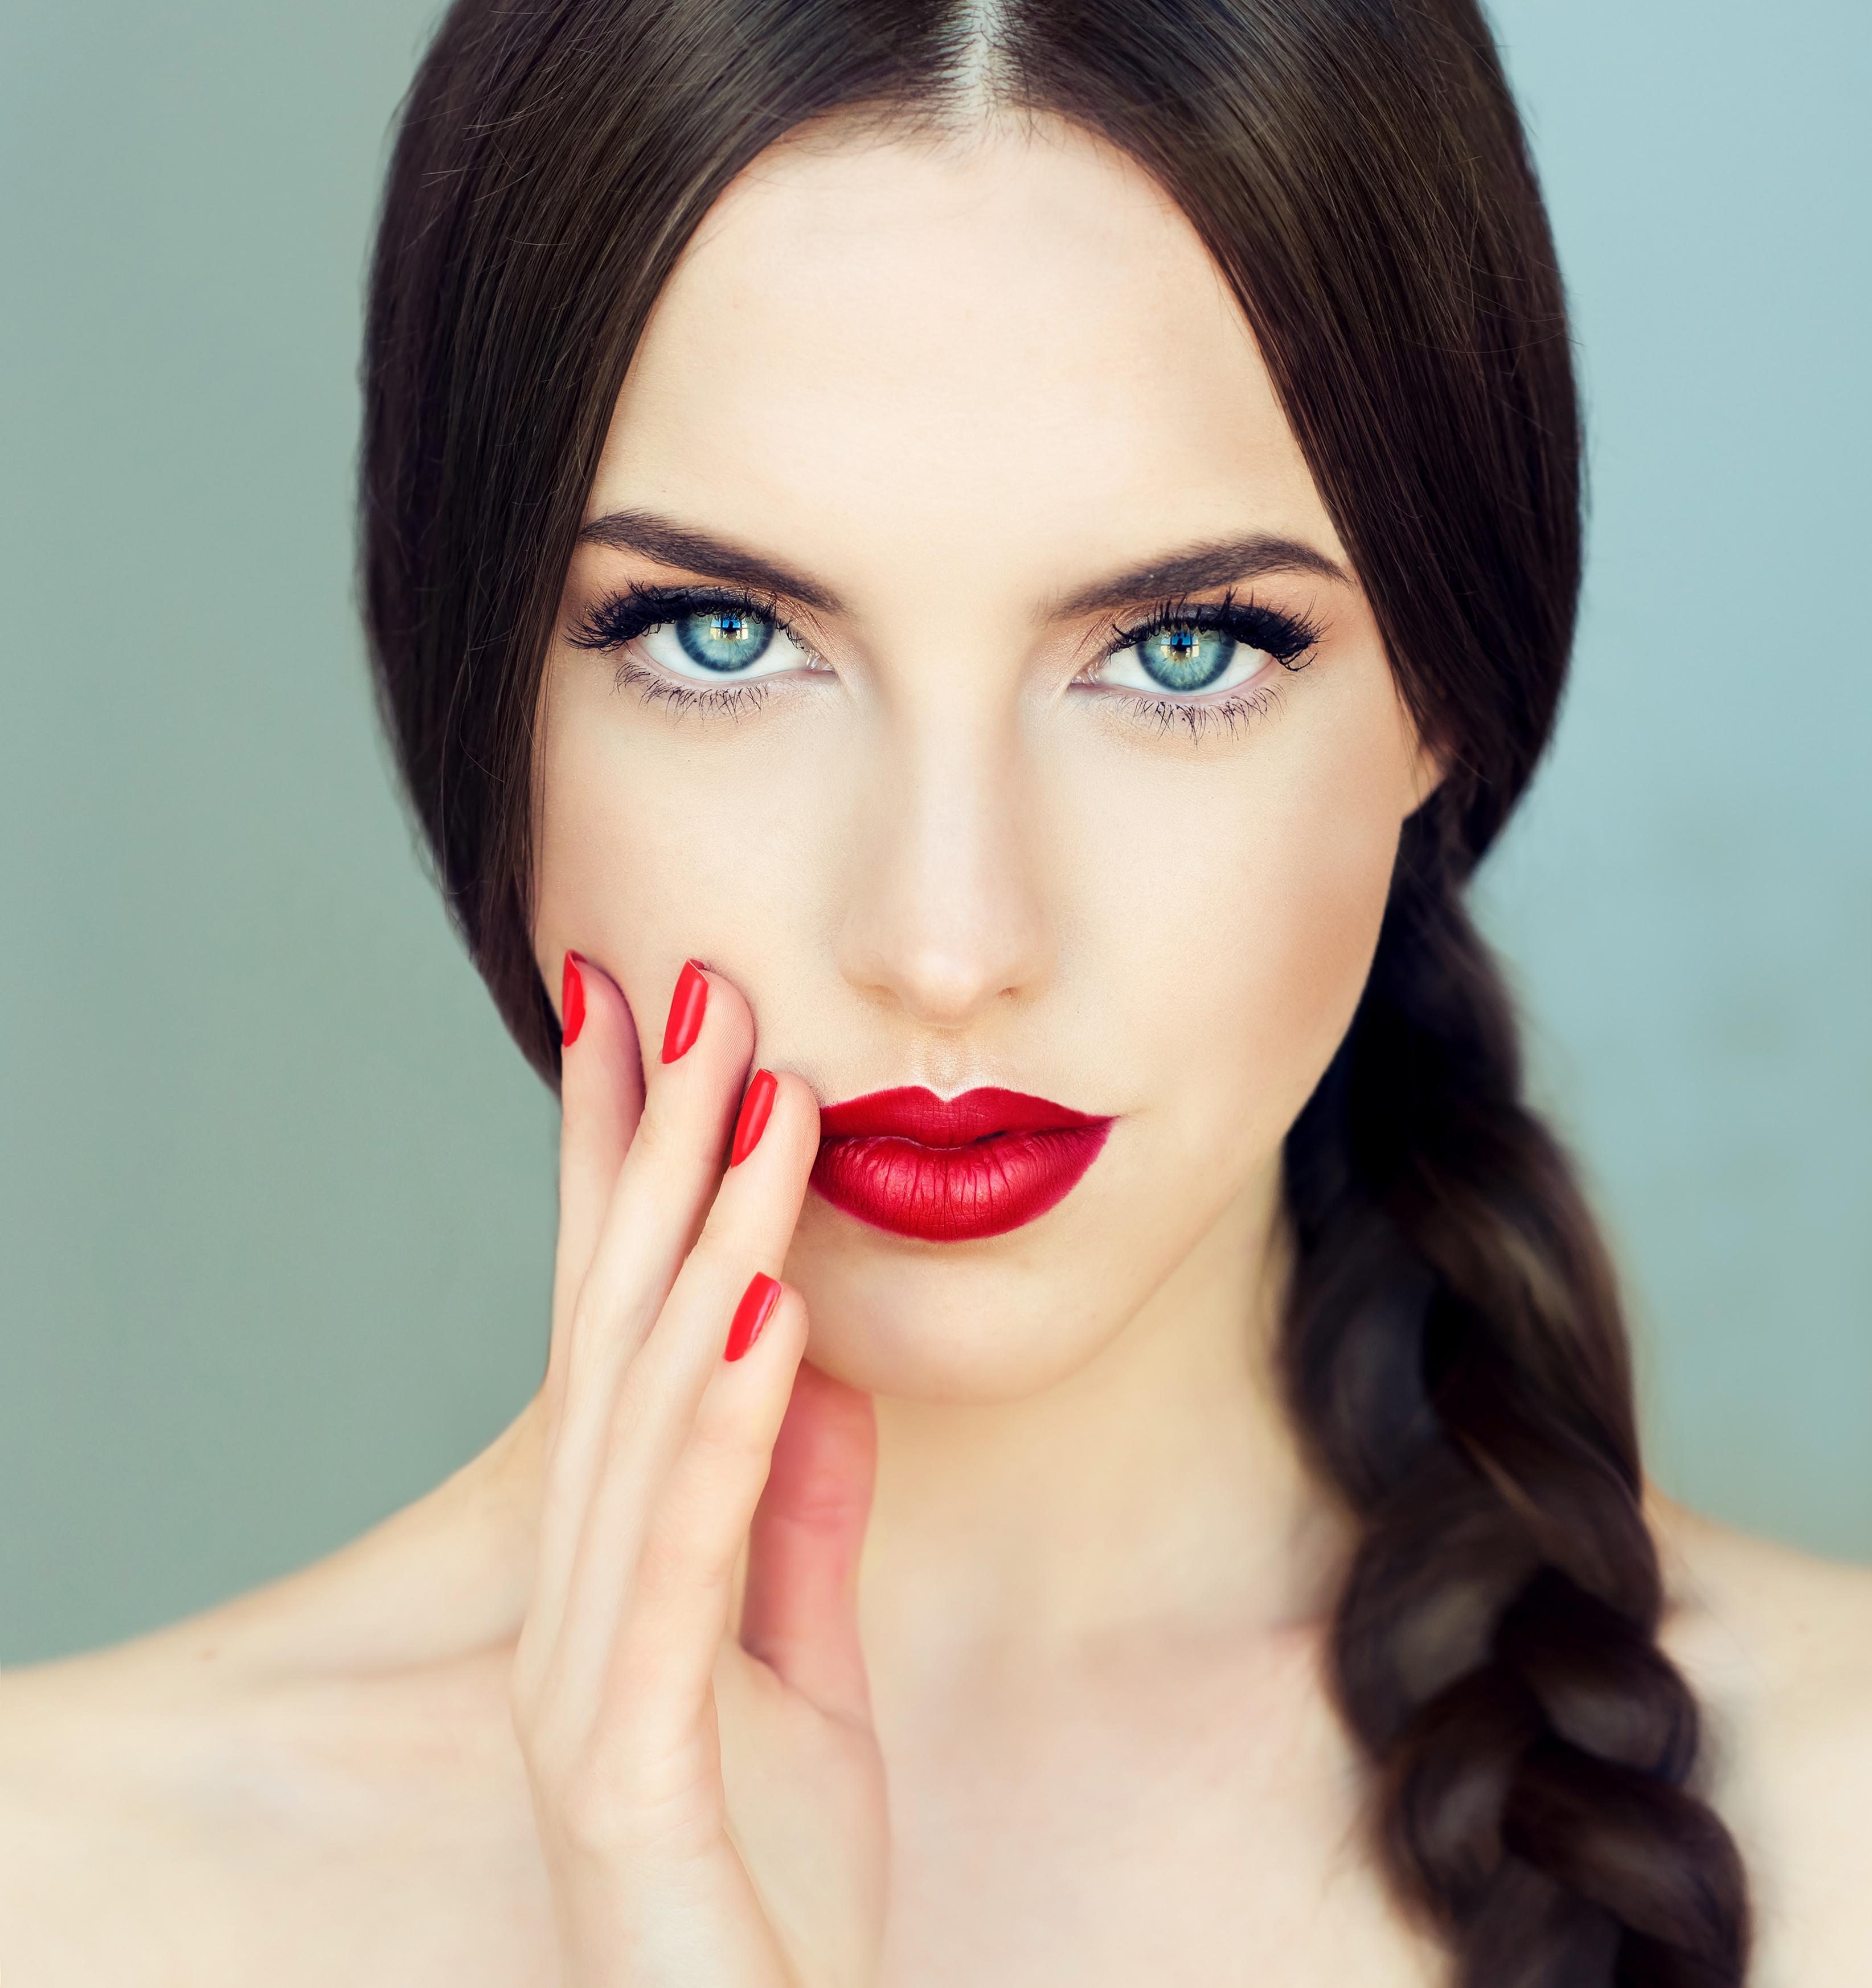 Πώς να φορέσεις το αγαπημένο σου κραγιόν χωρίς να κάνει κάθετες γραμμές στα χείλη!